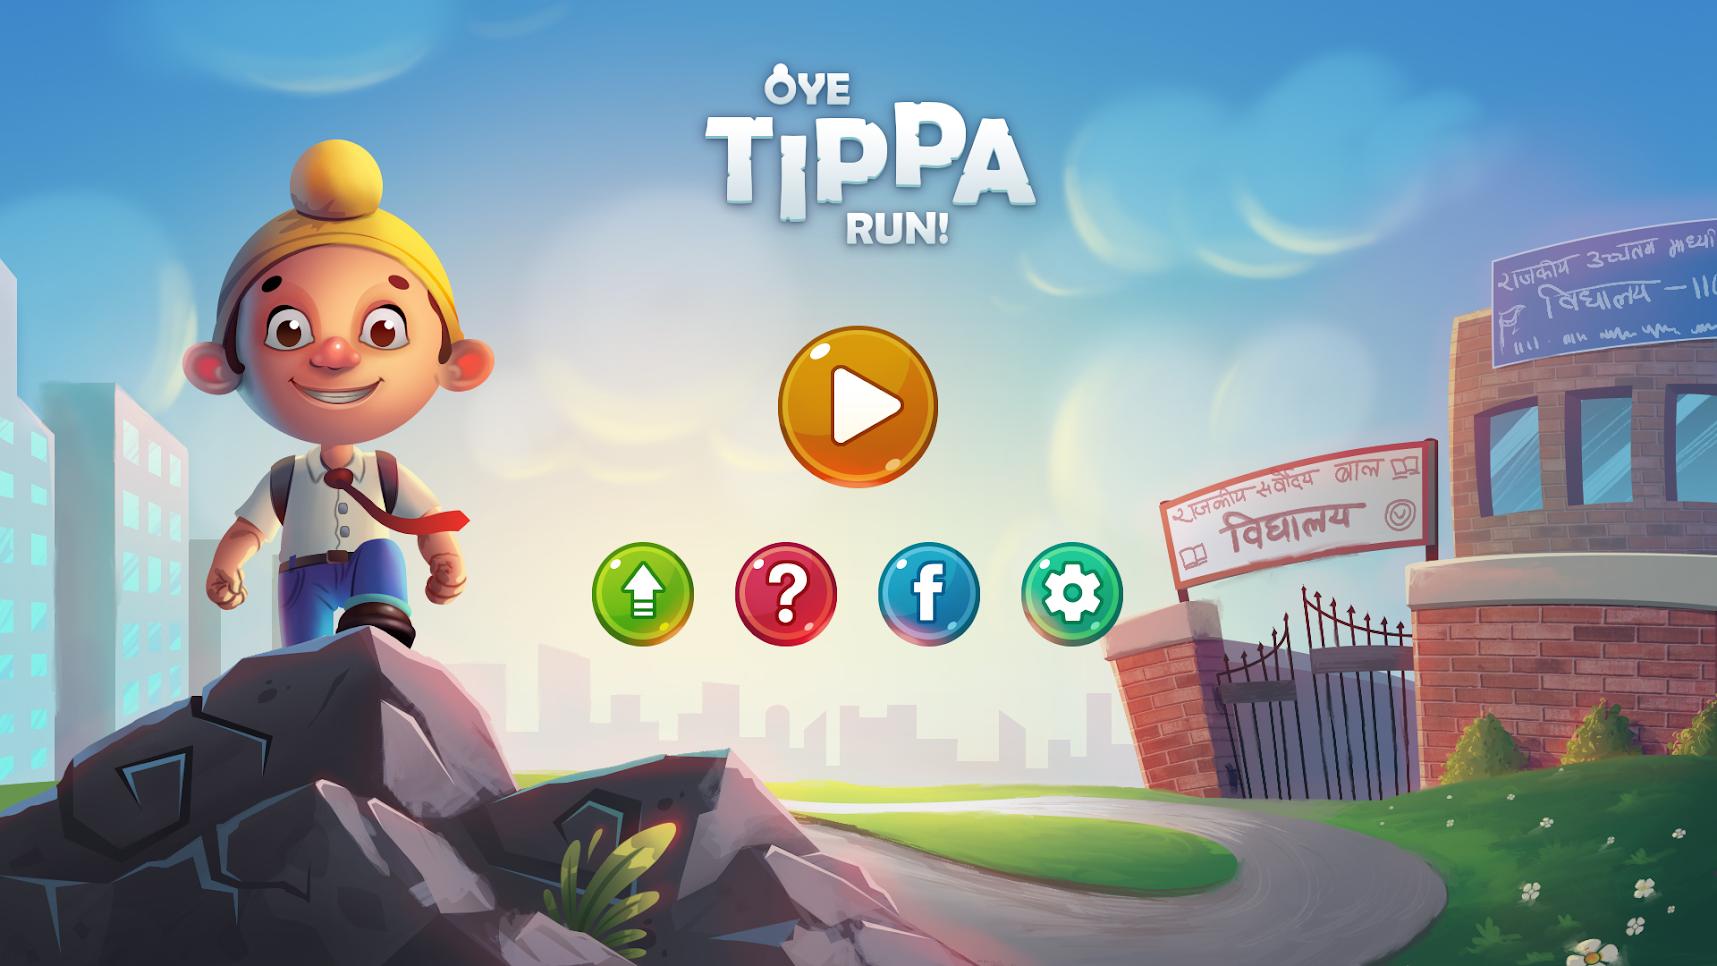 Oye Tippa Run!